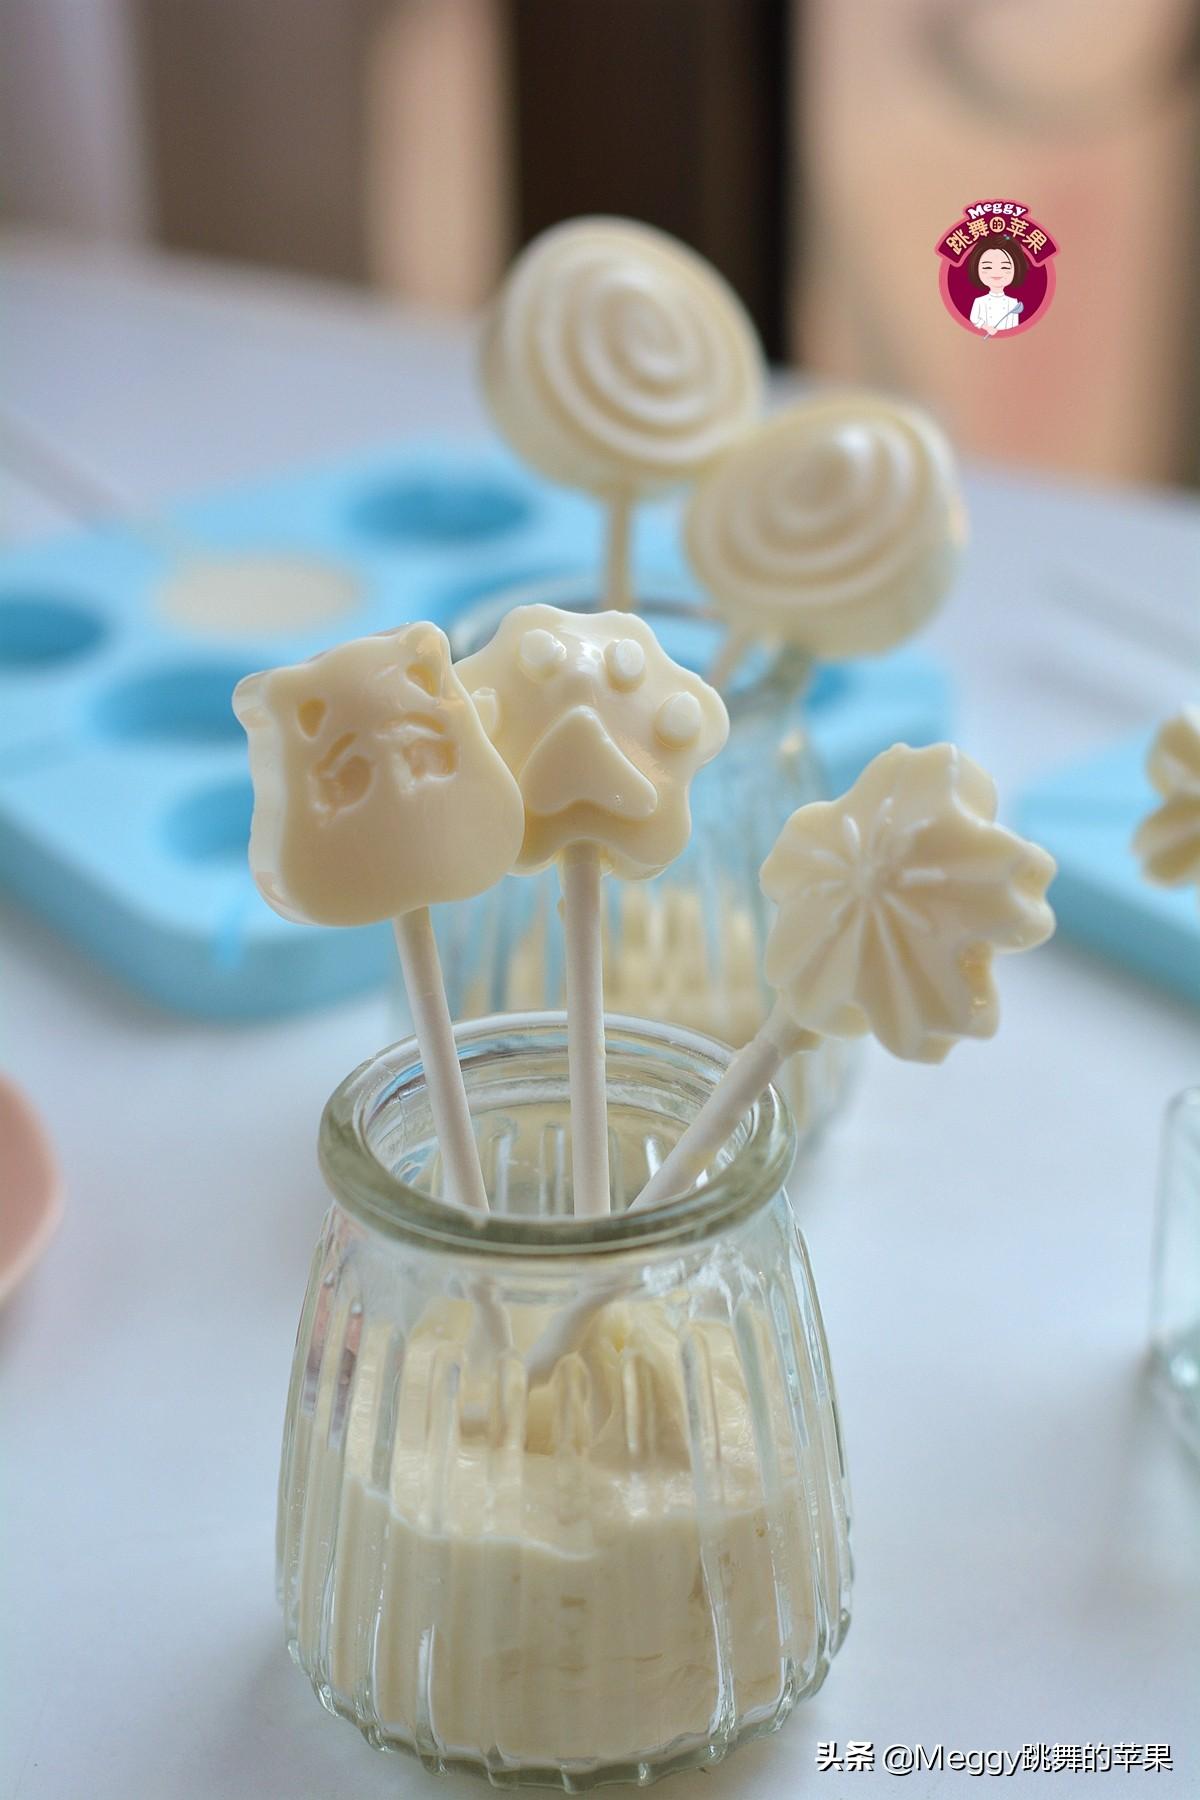 自制奶酪棒有营养,让孩子换个方式爱喝奶 美食做法 第3张